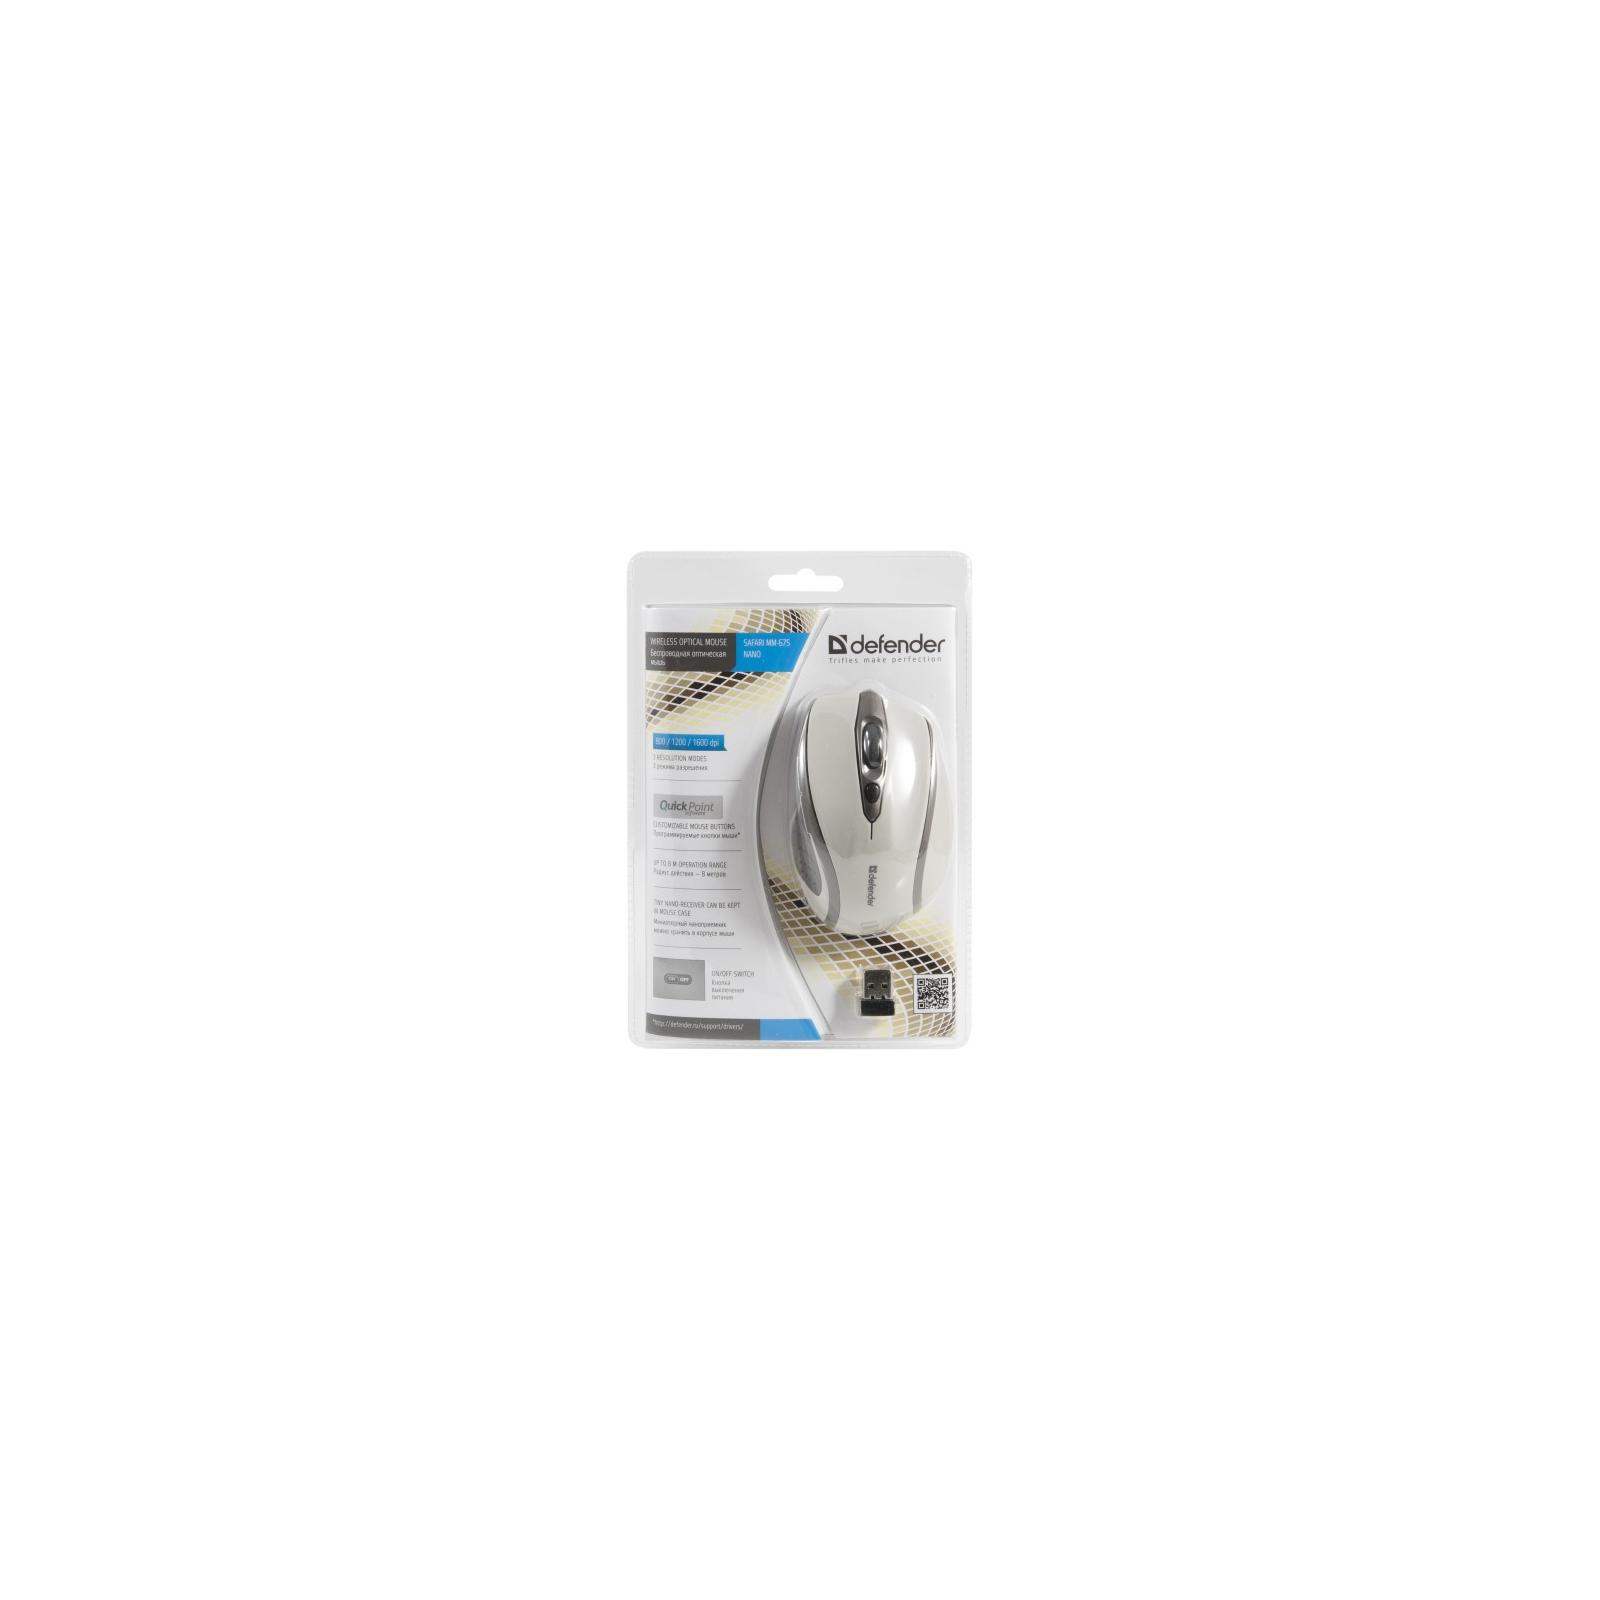 Мышка Defender Safari MM-675 Nano (52677) изображение 4